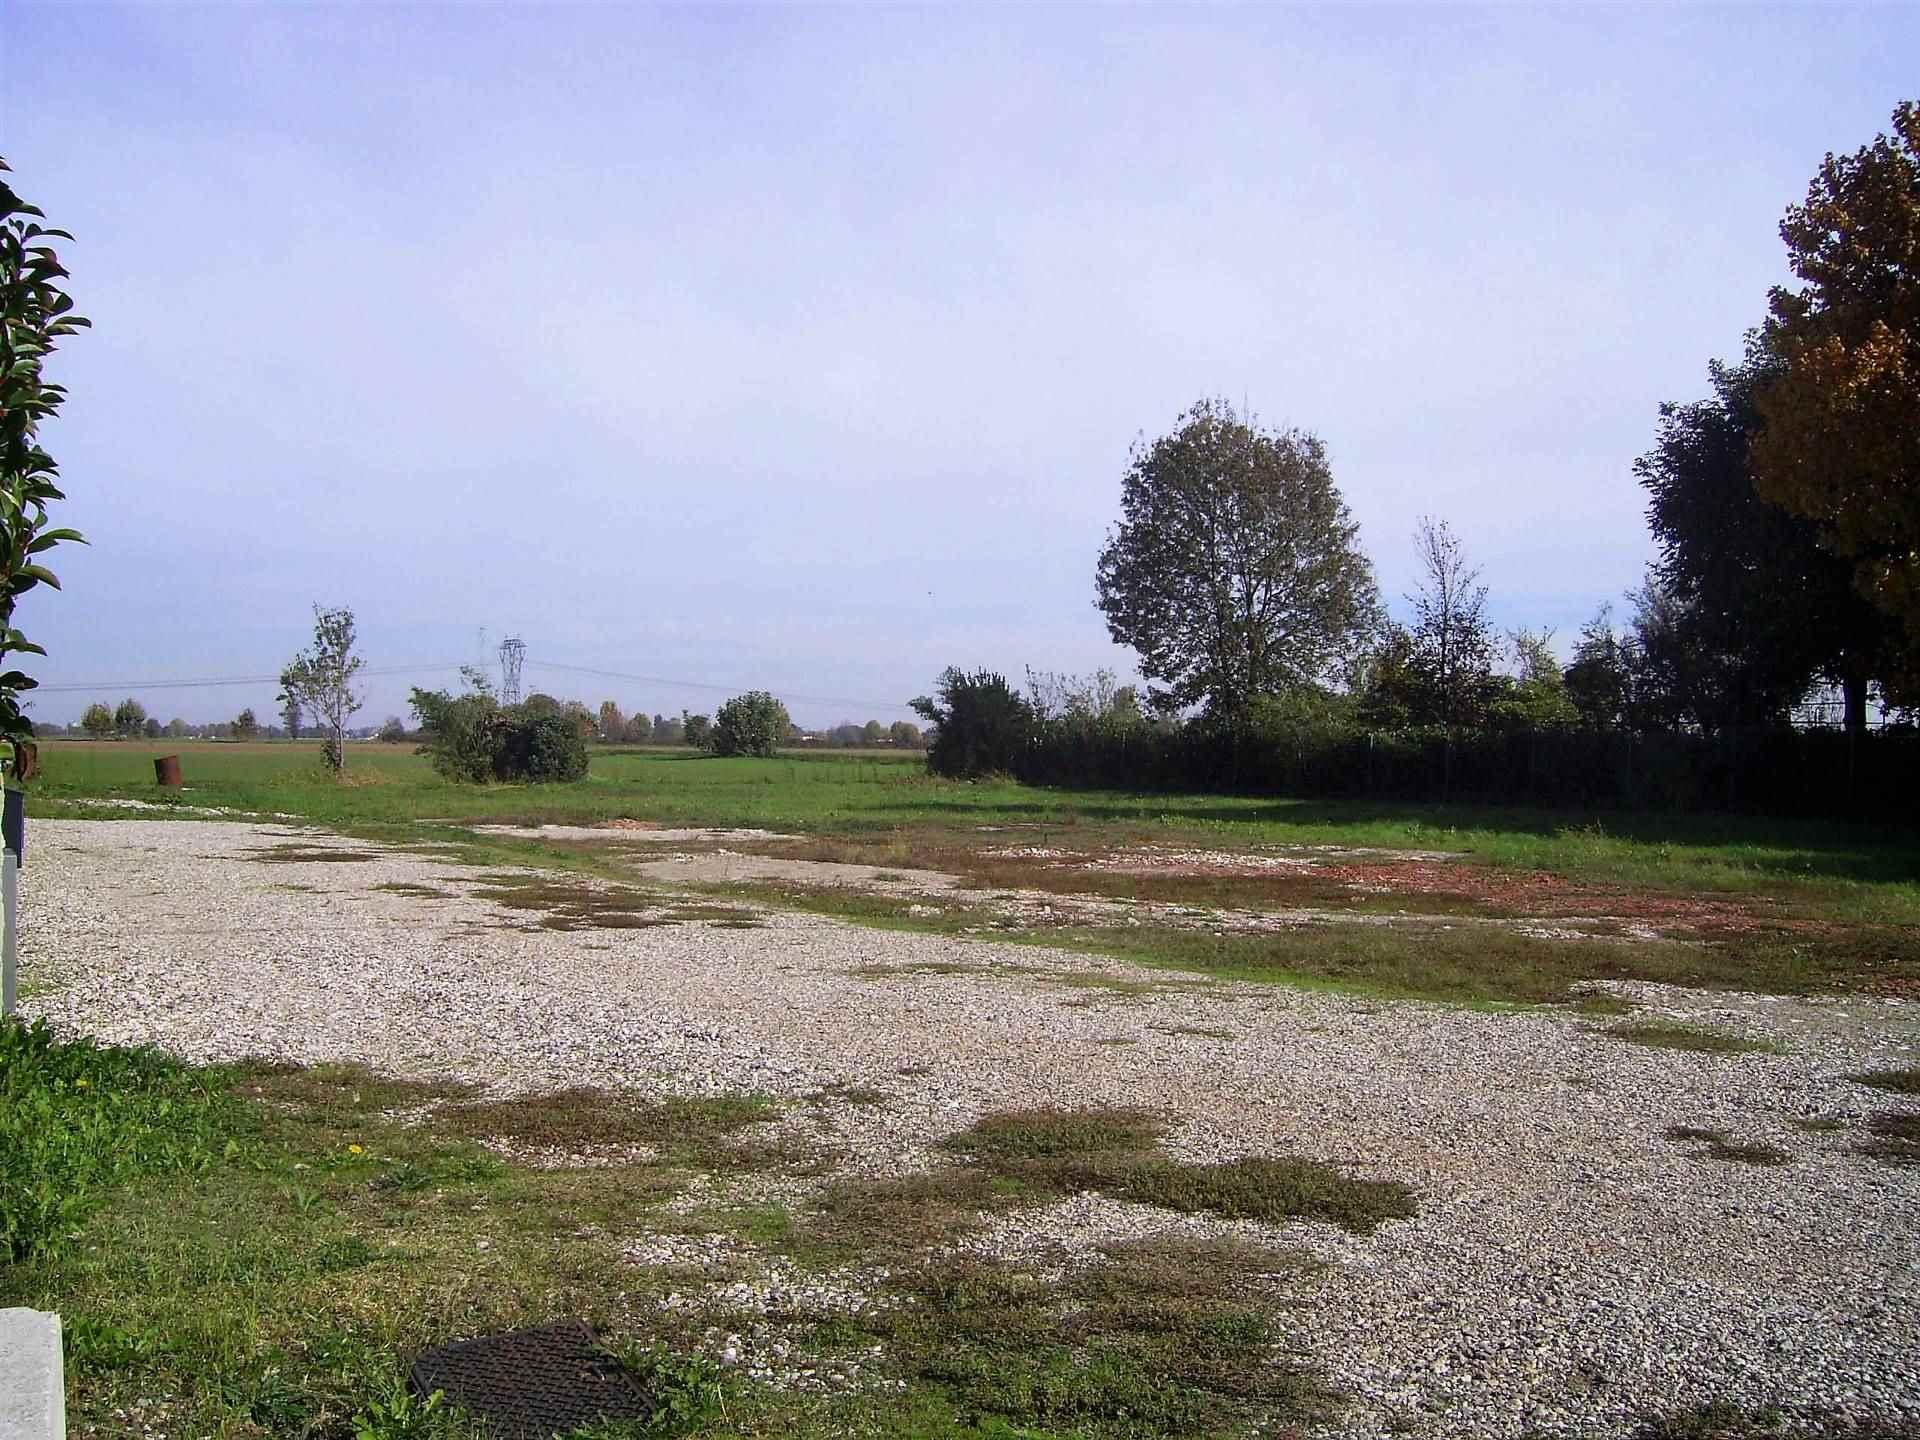 Terreno Edificabile Residenziale in vendita a San Giorgio di Mantova, 4 locali, zona Zona: Ghisiolo, prezzo € 49.900 | CambioCasa.it